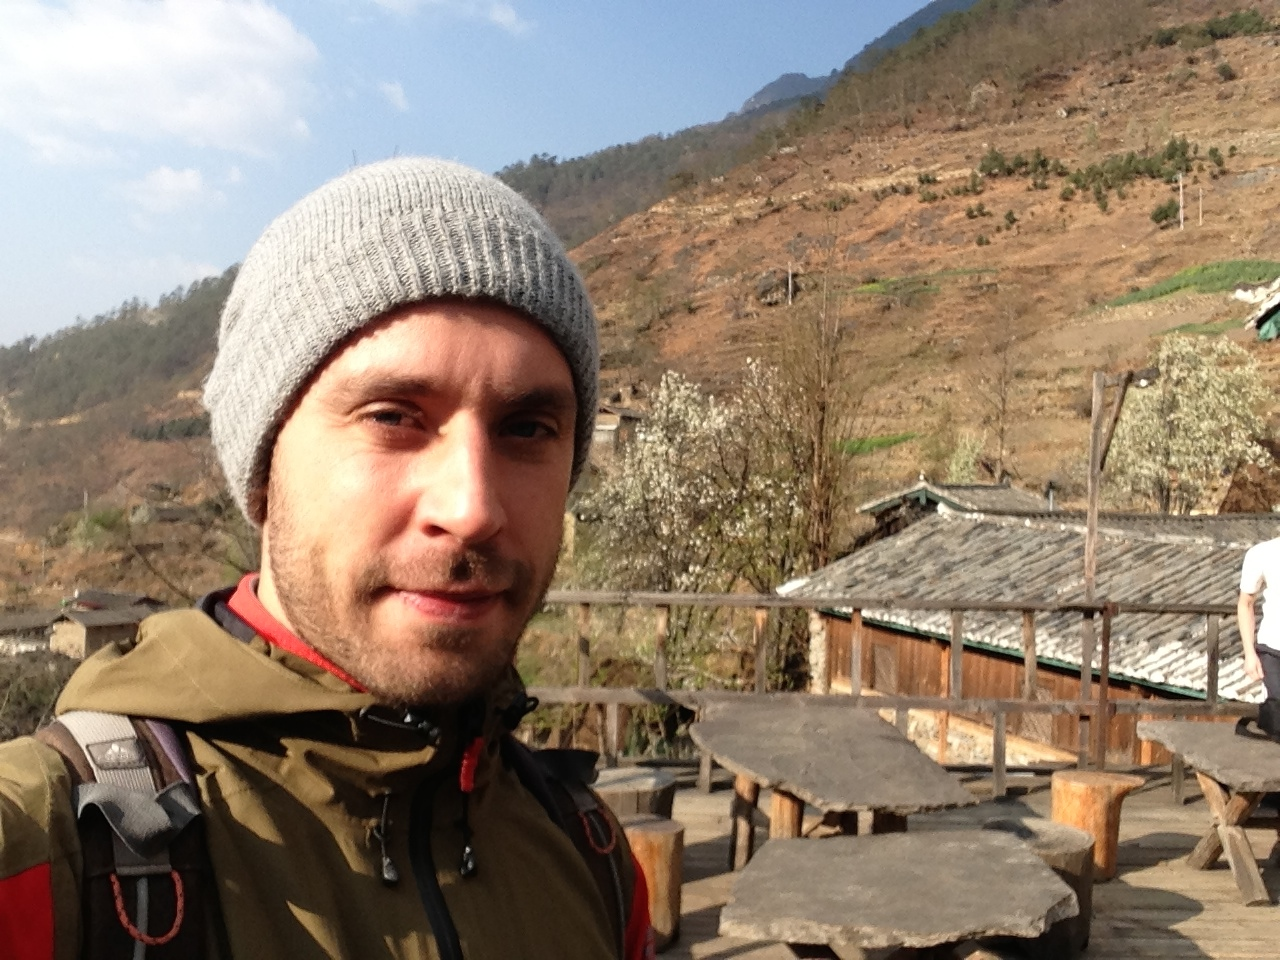 Григорий Потёмкин: «В Китае мы делаем что хотим и зарабатываем миллионы»